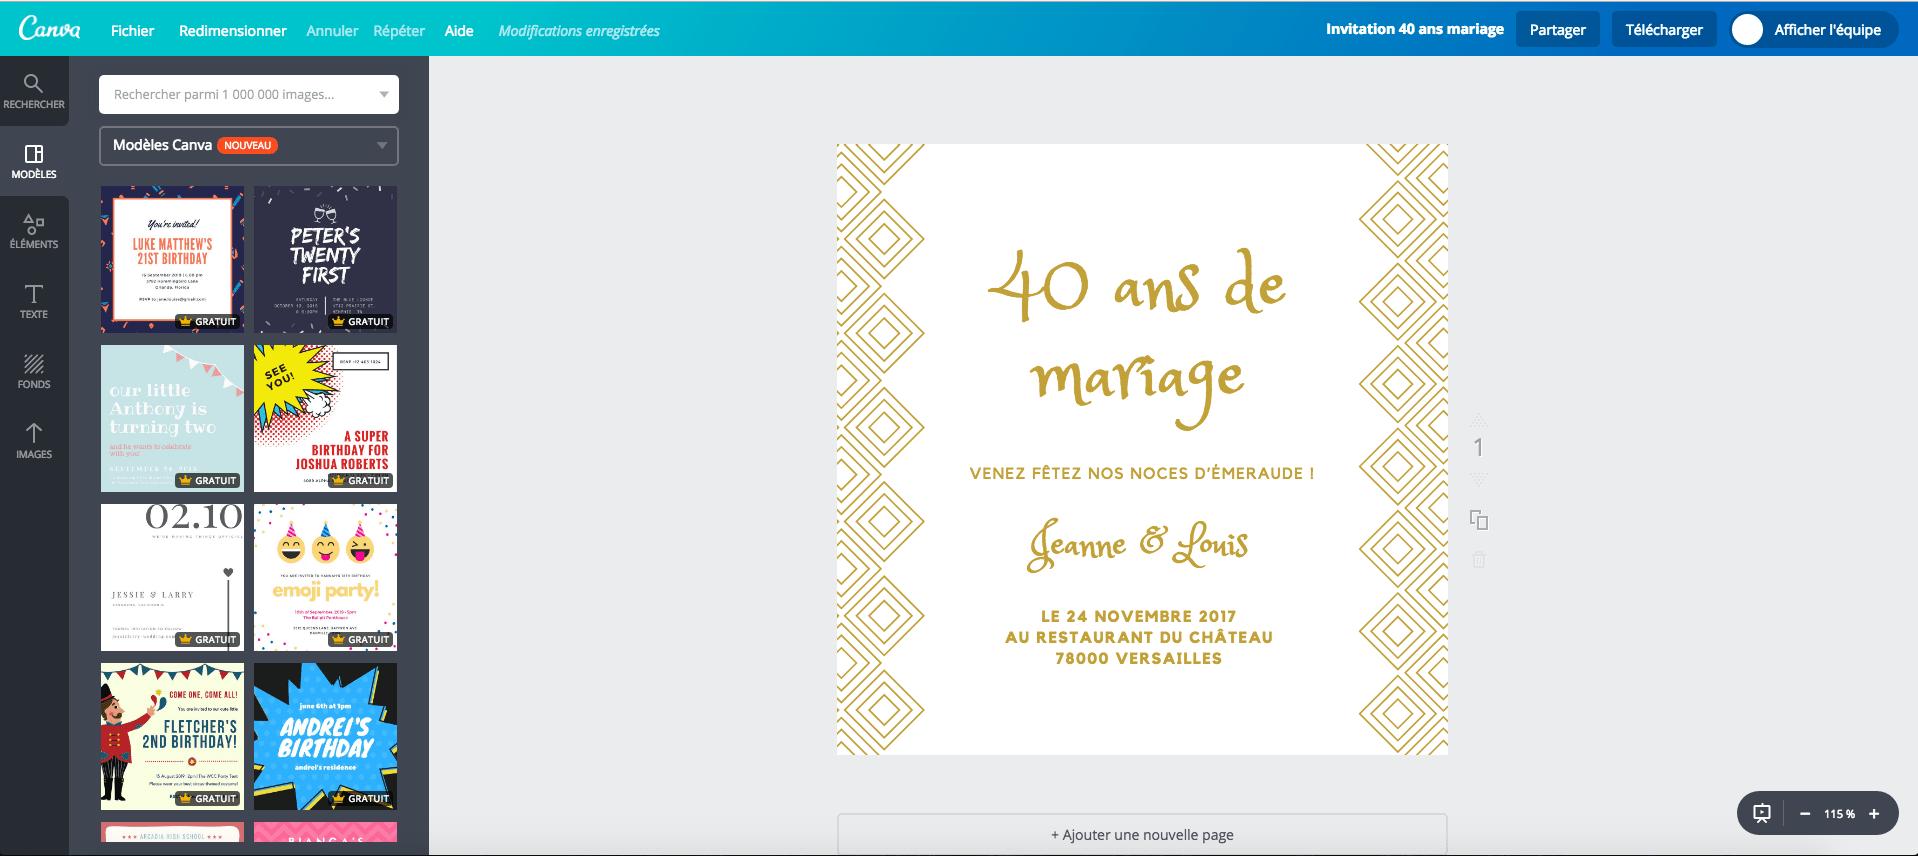 Cartes de 40 ans de mariage